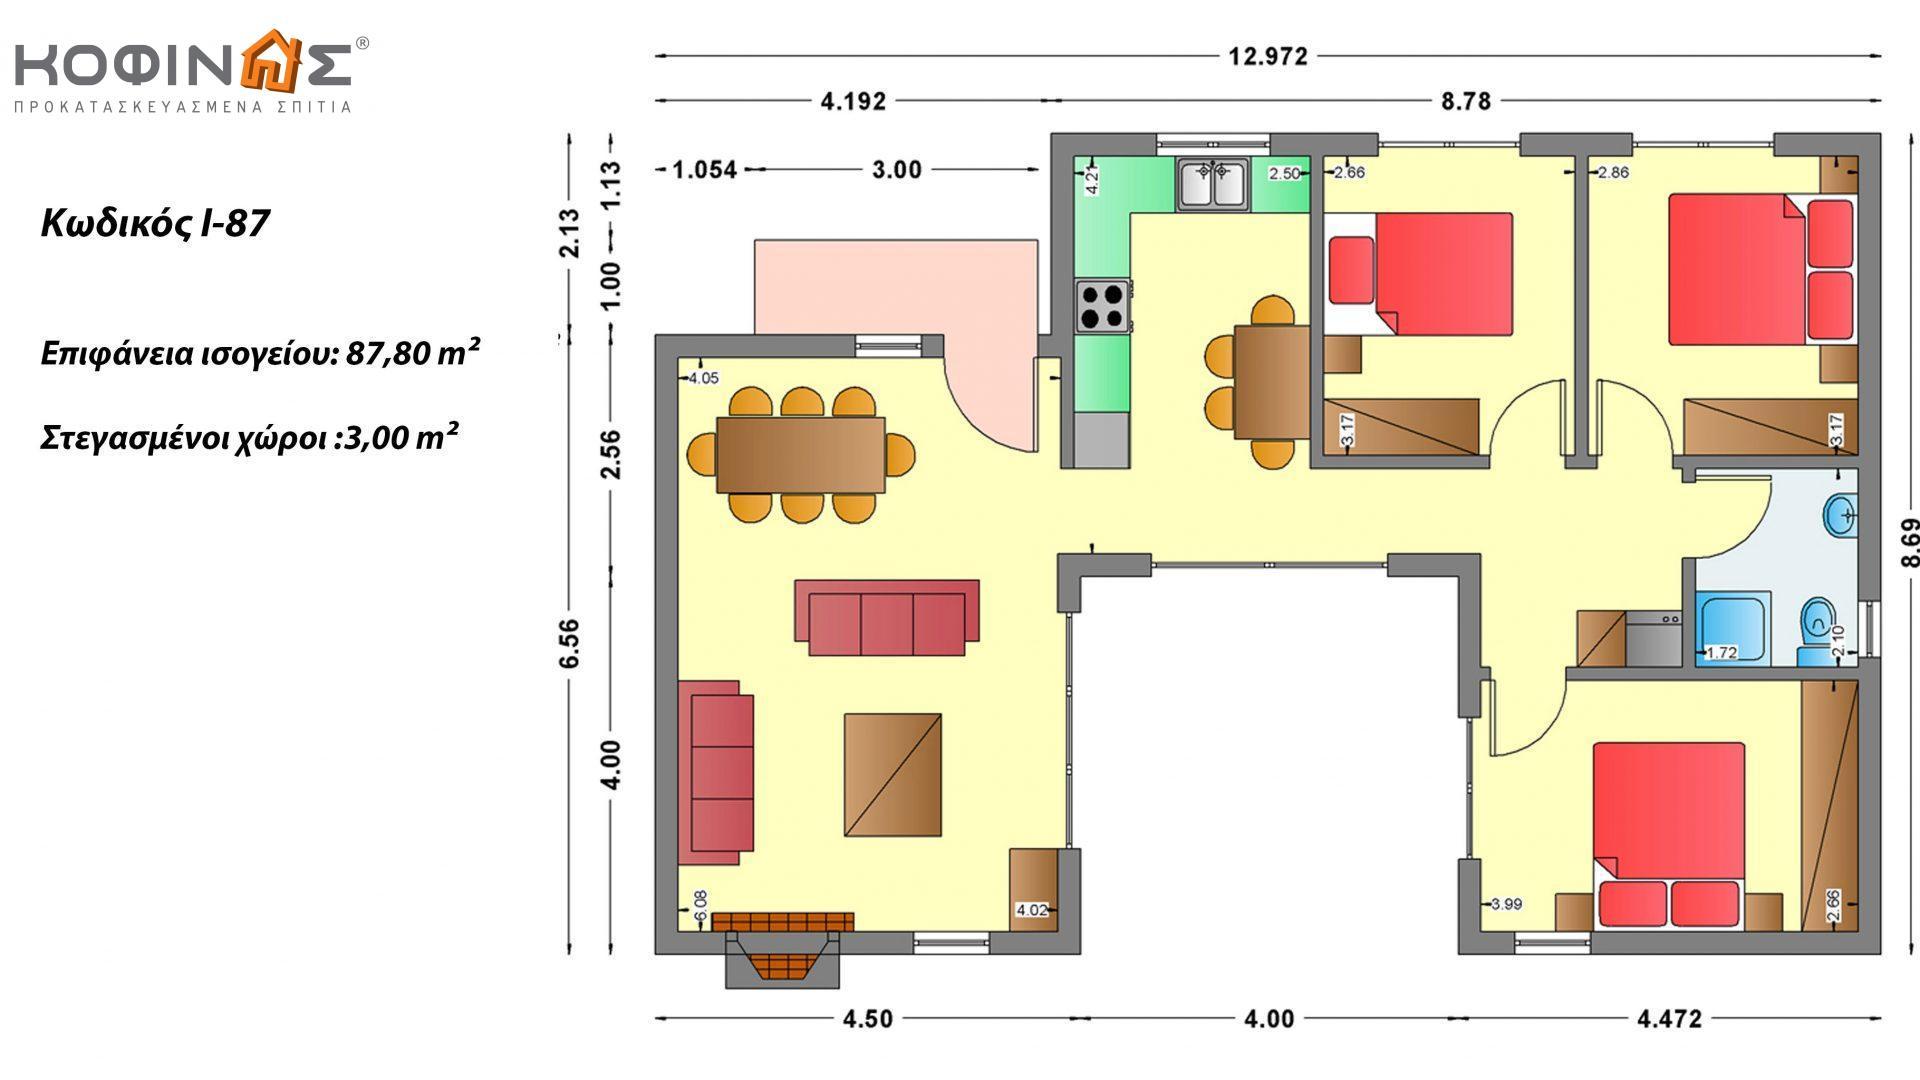 Ισόγεια Κατοικία I-87 συνολικής επιφάνειας 87,80 τ.μ., στεγασμένοι χώροι 3,00 τ.μ